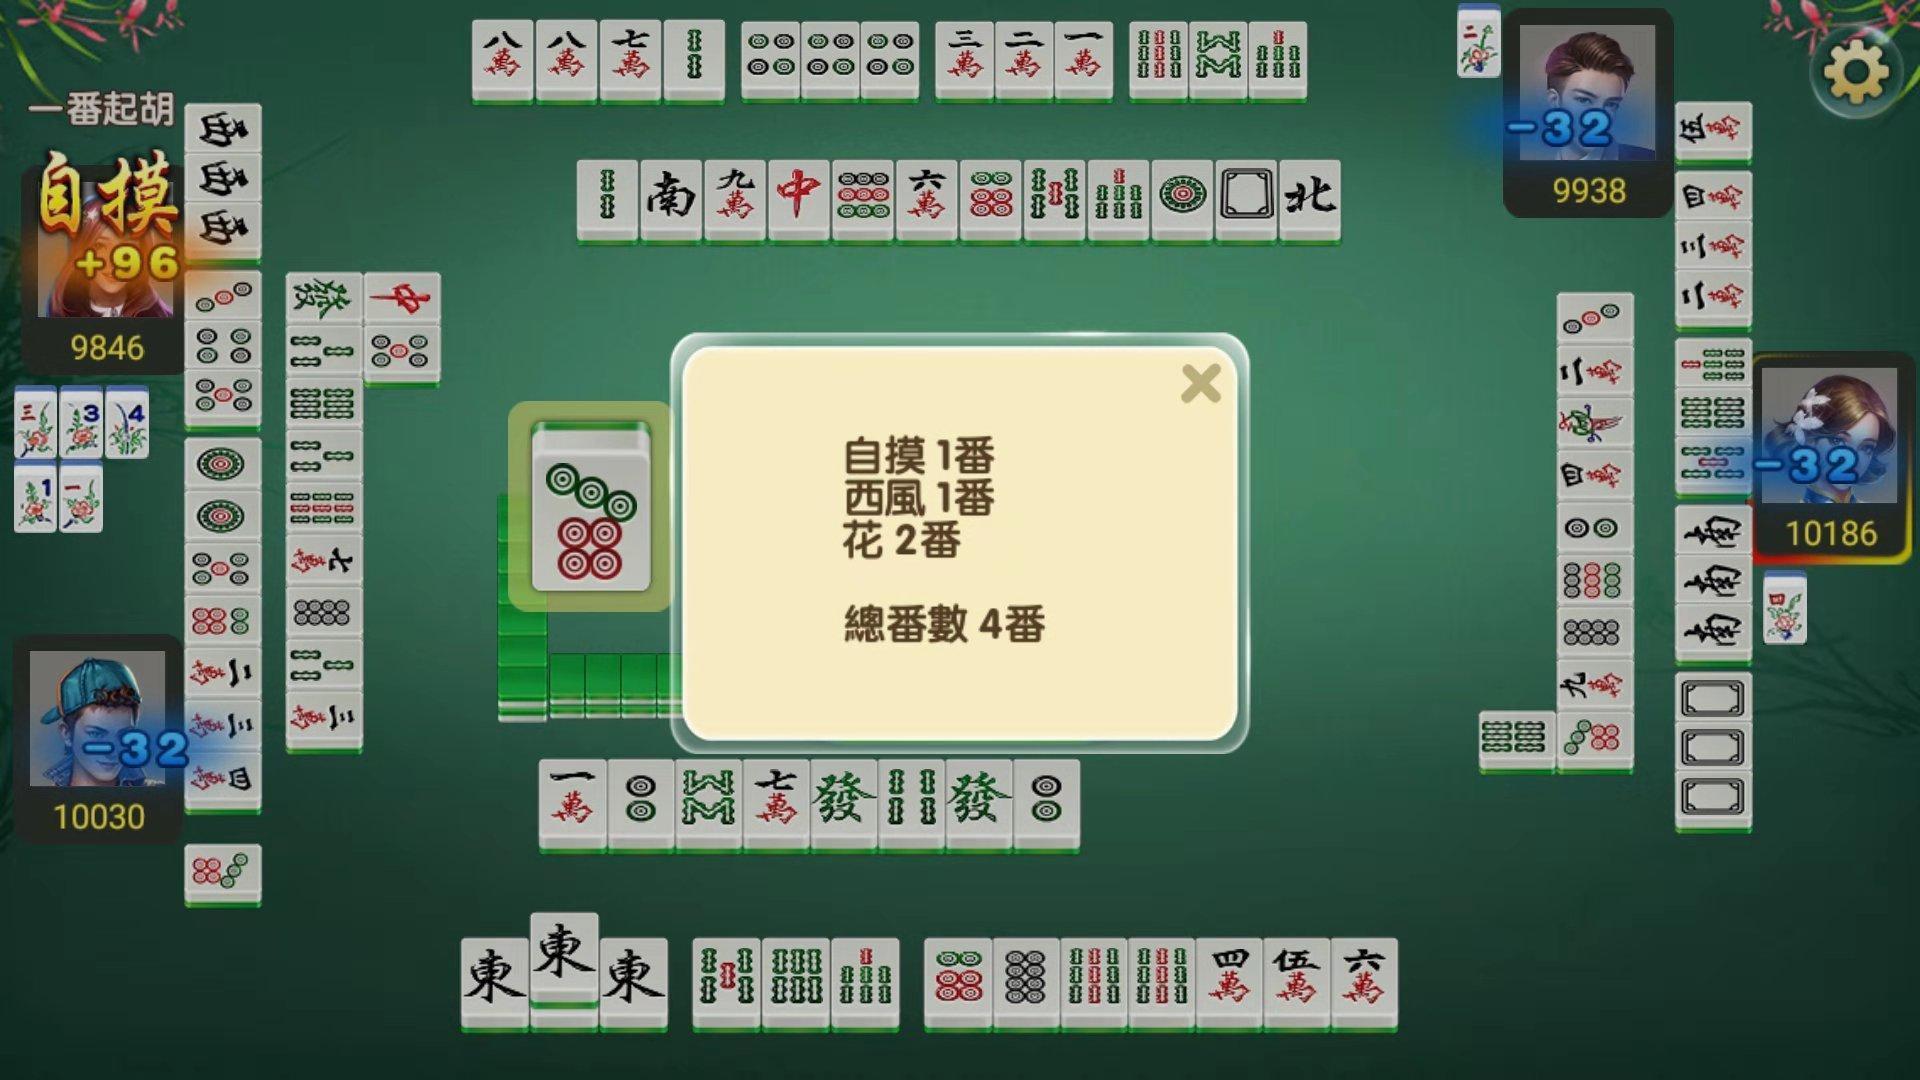 正宗香港麻雀-广东麻将,欢乐斗地主 3.1.8 Screenshot 5